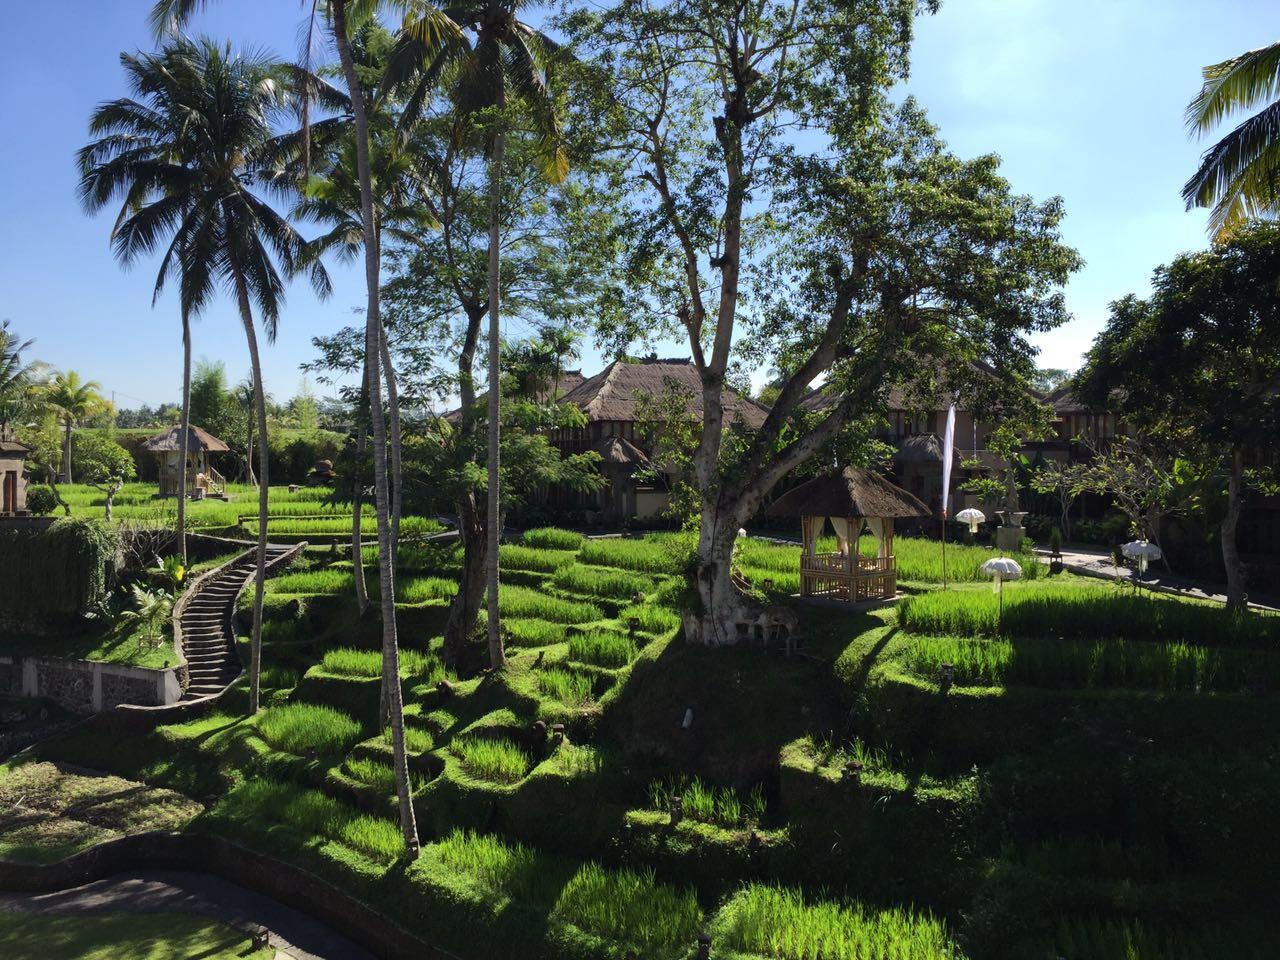 这家酒店的特点就是梯田和瑜伽房,酒店虽然不大,但景观还不错,小巧图片